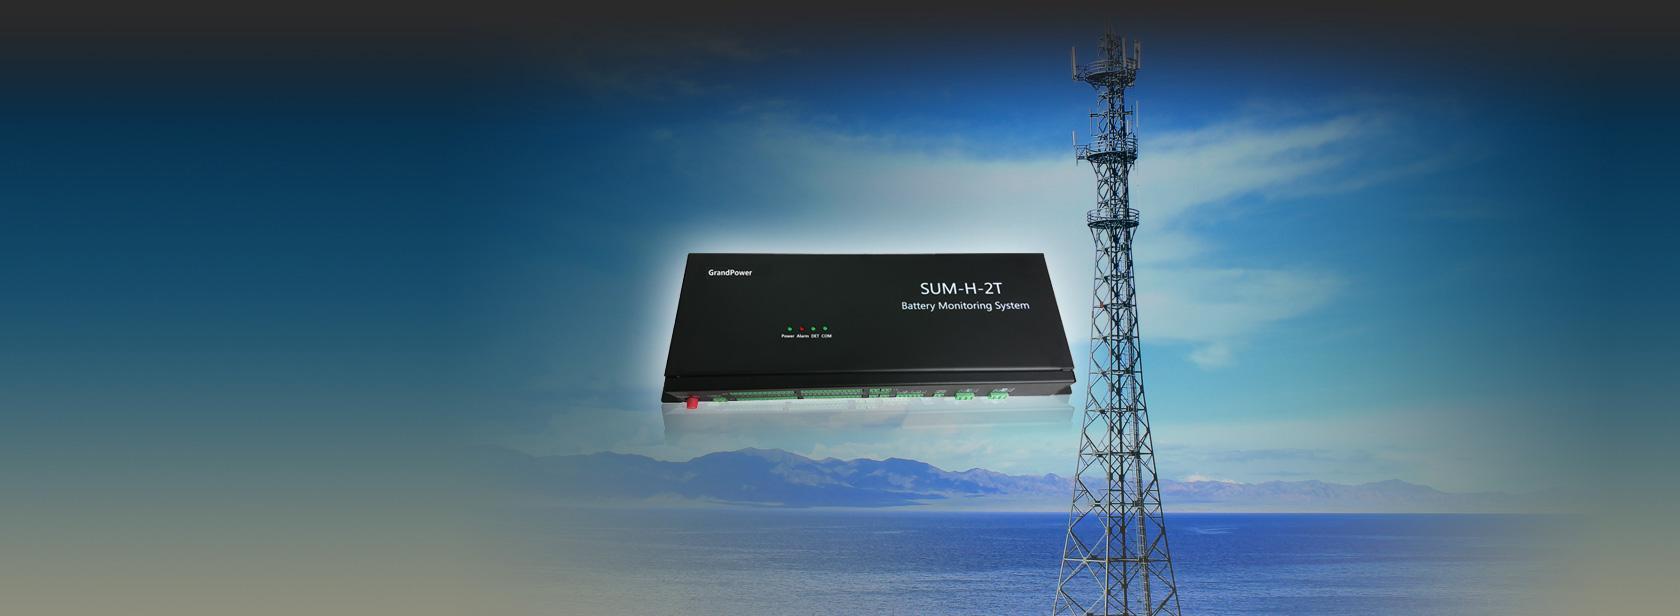 北京巨成科技-为通信基站蓄电池的安全运行 提供监测管理系统